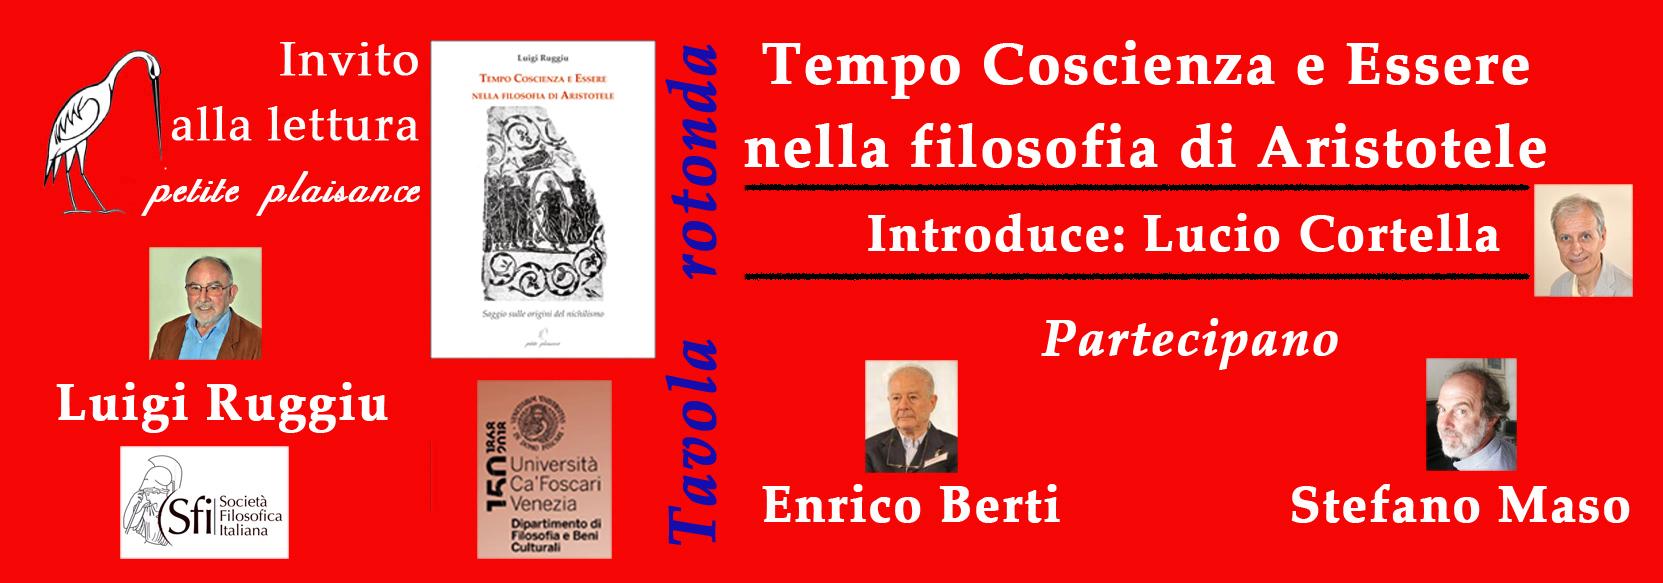 Tavola Rotonda Sul Libro Di Luigi Ruggiu Tempo Coscienza E Essere